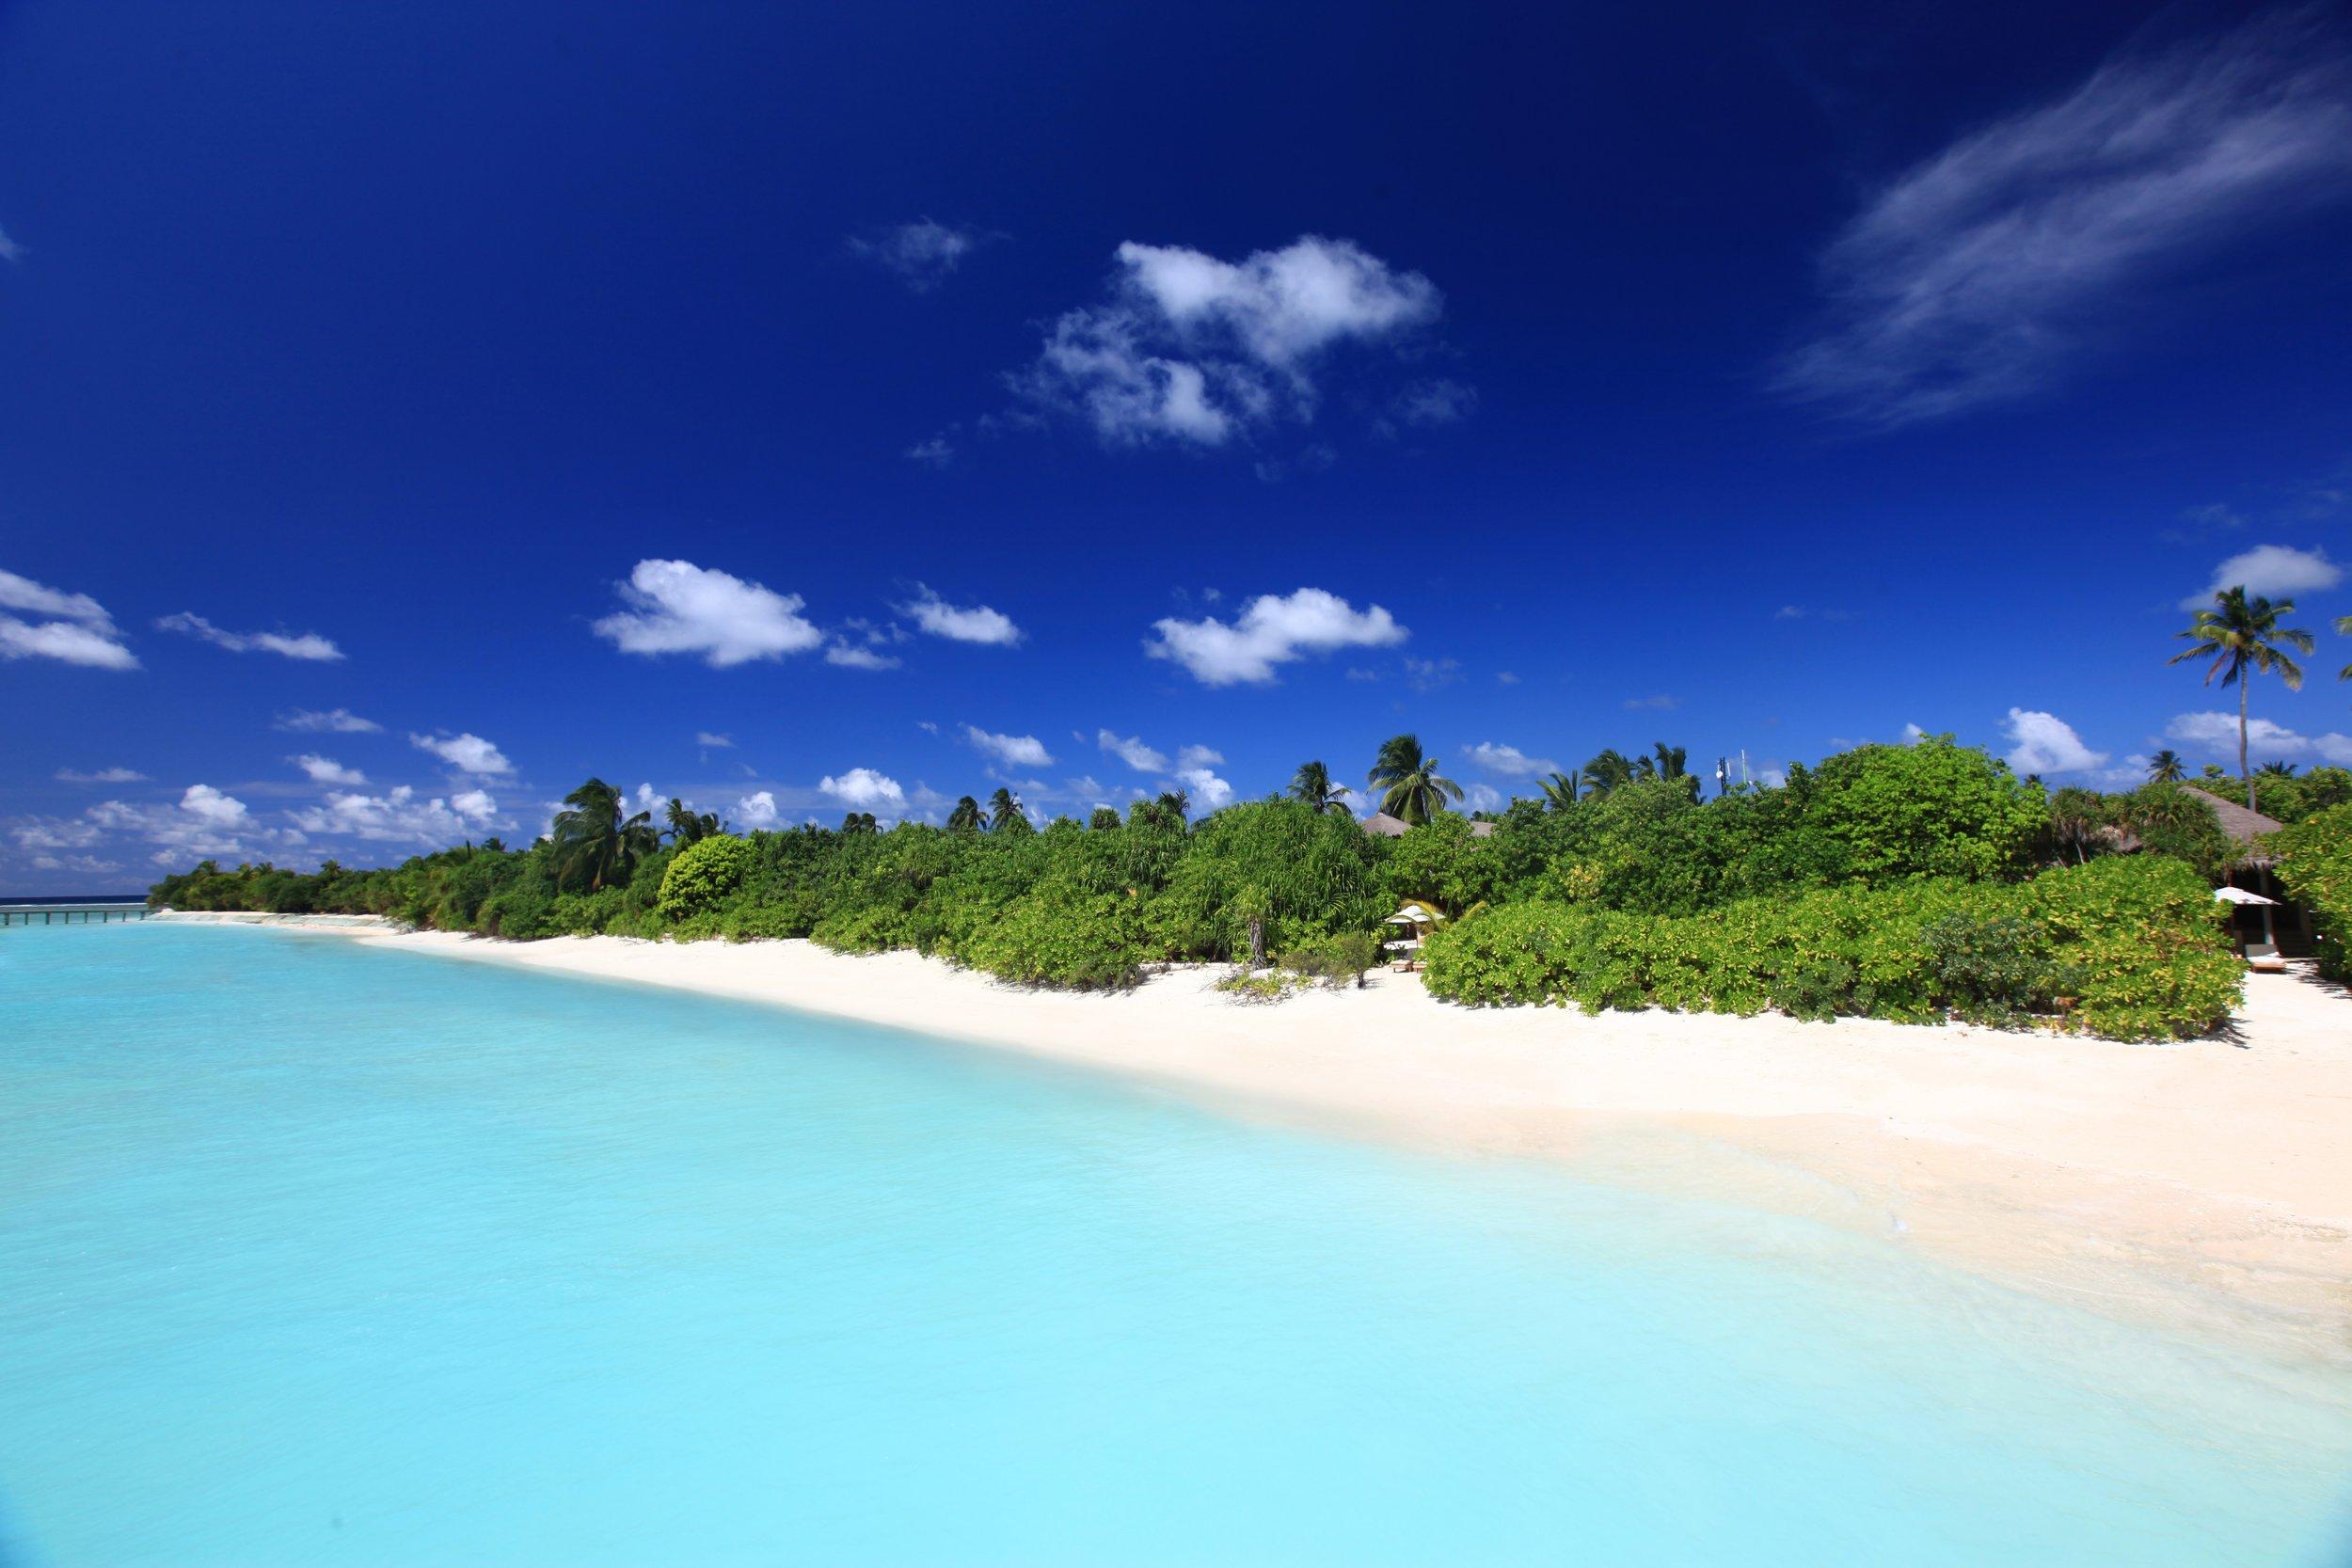 Beach_Villa_Aerial2_[7416-A4].jpg